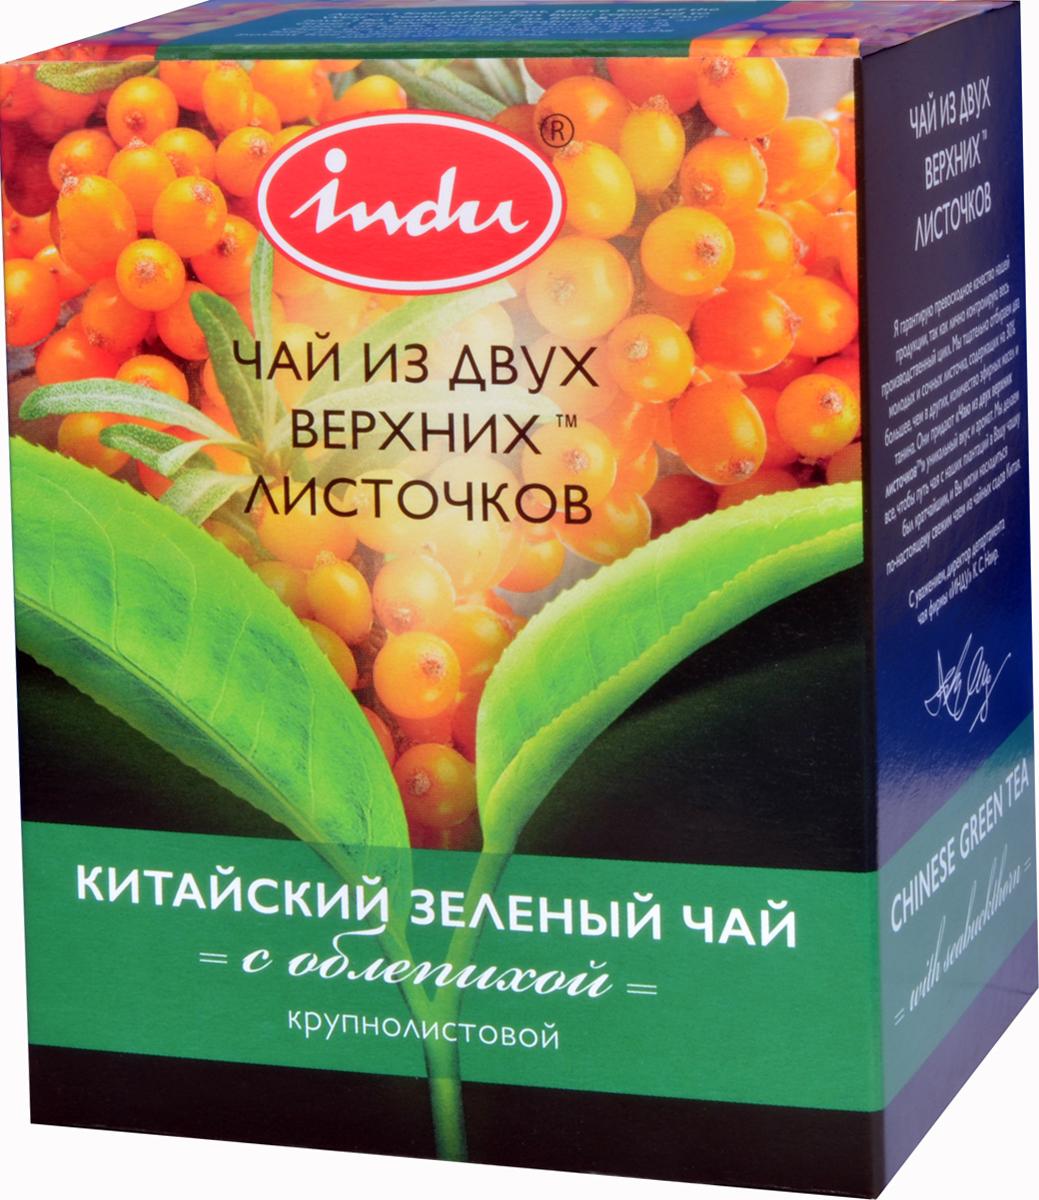 Indu Китайский зеленый листовой чай с облепихой, 90 гTTL-GCH-193Чудодейственная смесь китайского зеленого чая и облепихи - эликсир здоровья, который издревле известен на Востоке. Целебные свойства облепихи впервые описаны в Китае во времена династии Тан. Эта ягода изобилует витаминами, полезными минеральными и органическими соединениями способными предупредить сердечно- сосудистые и онкологические заболевания, замедлить старение.